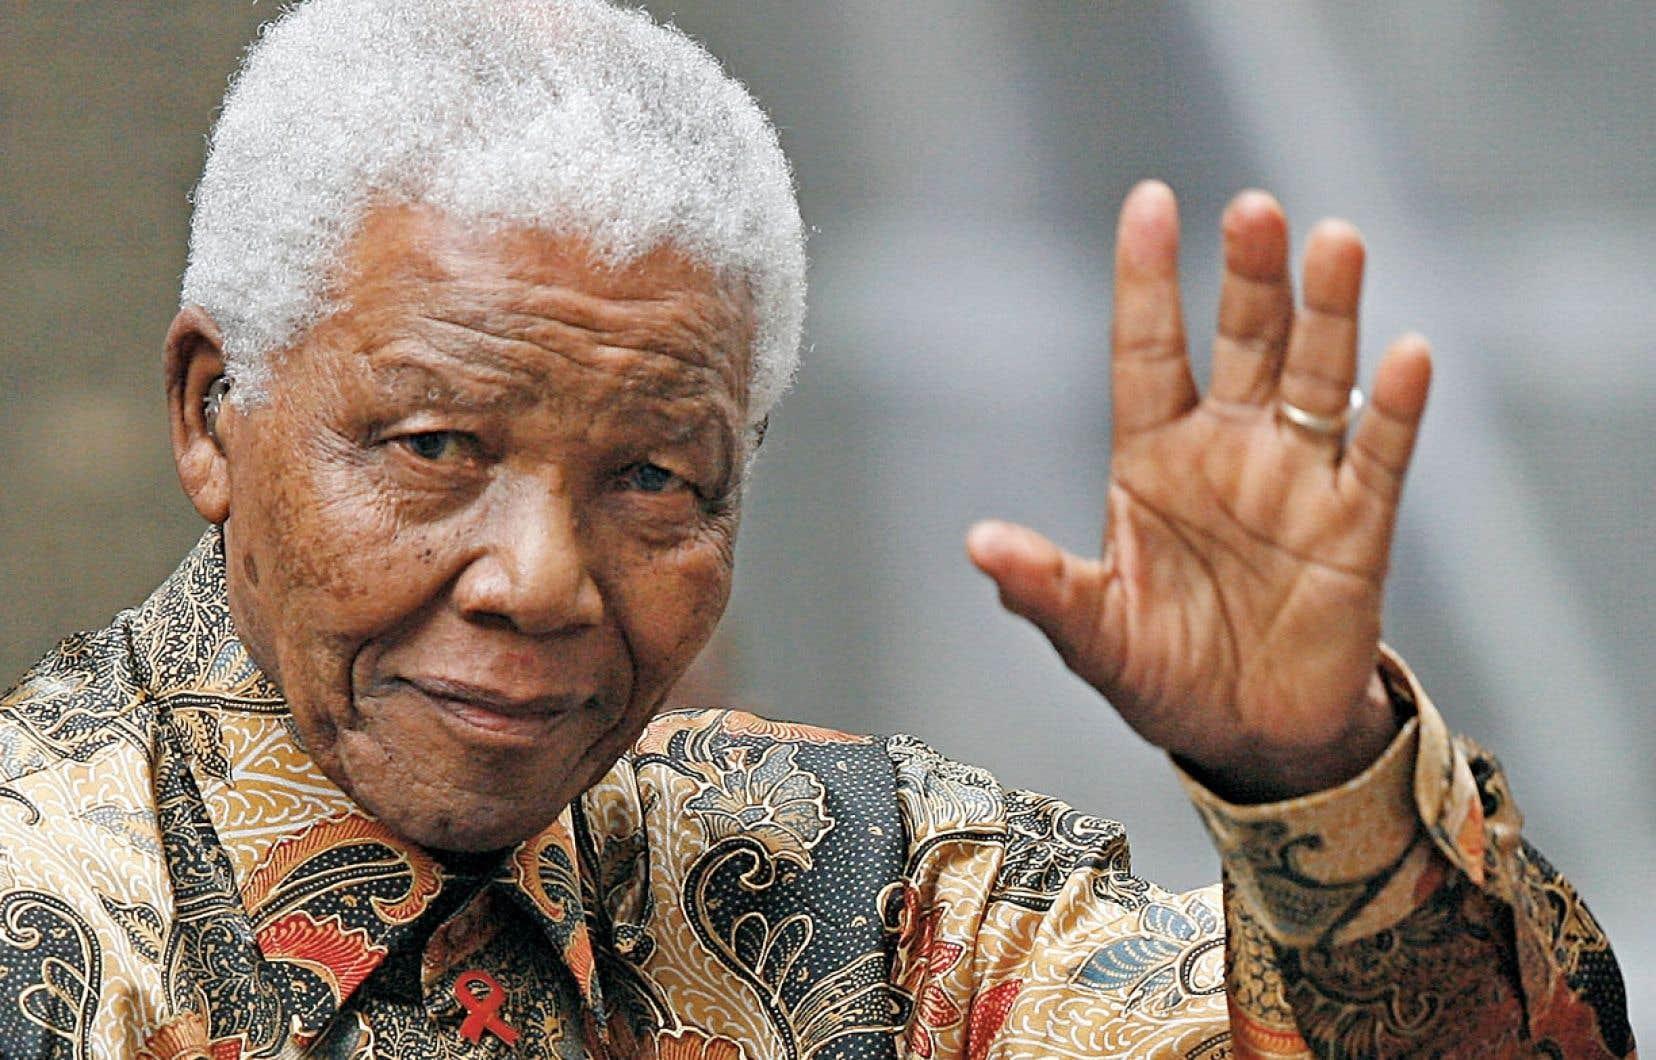 Malgré les nombreux défis auxquels fait face l'Afrique du Sud, ce qui a été accompli est phénoménal, une leçon d'histoire mondiale et historique dont le chef d'orchestre s'appelait Nelson Rolihlahla Mandela.